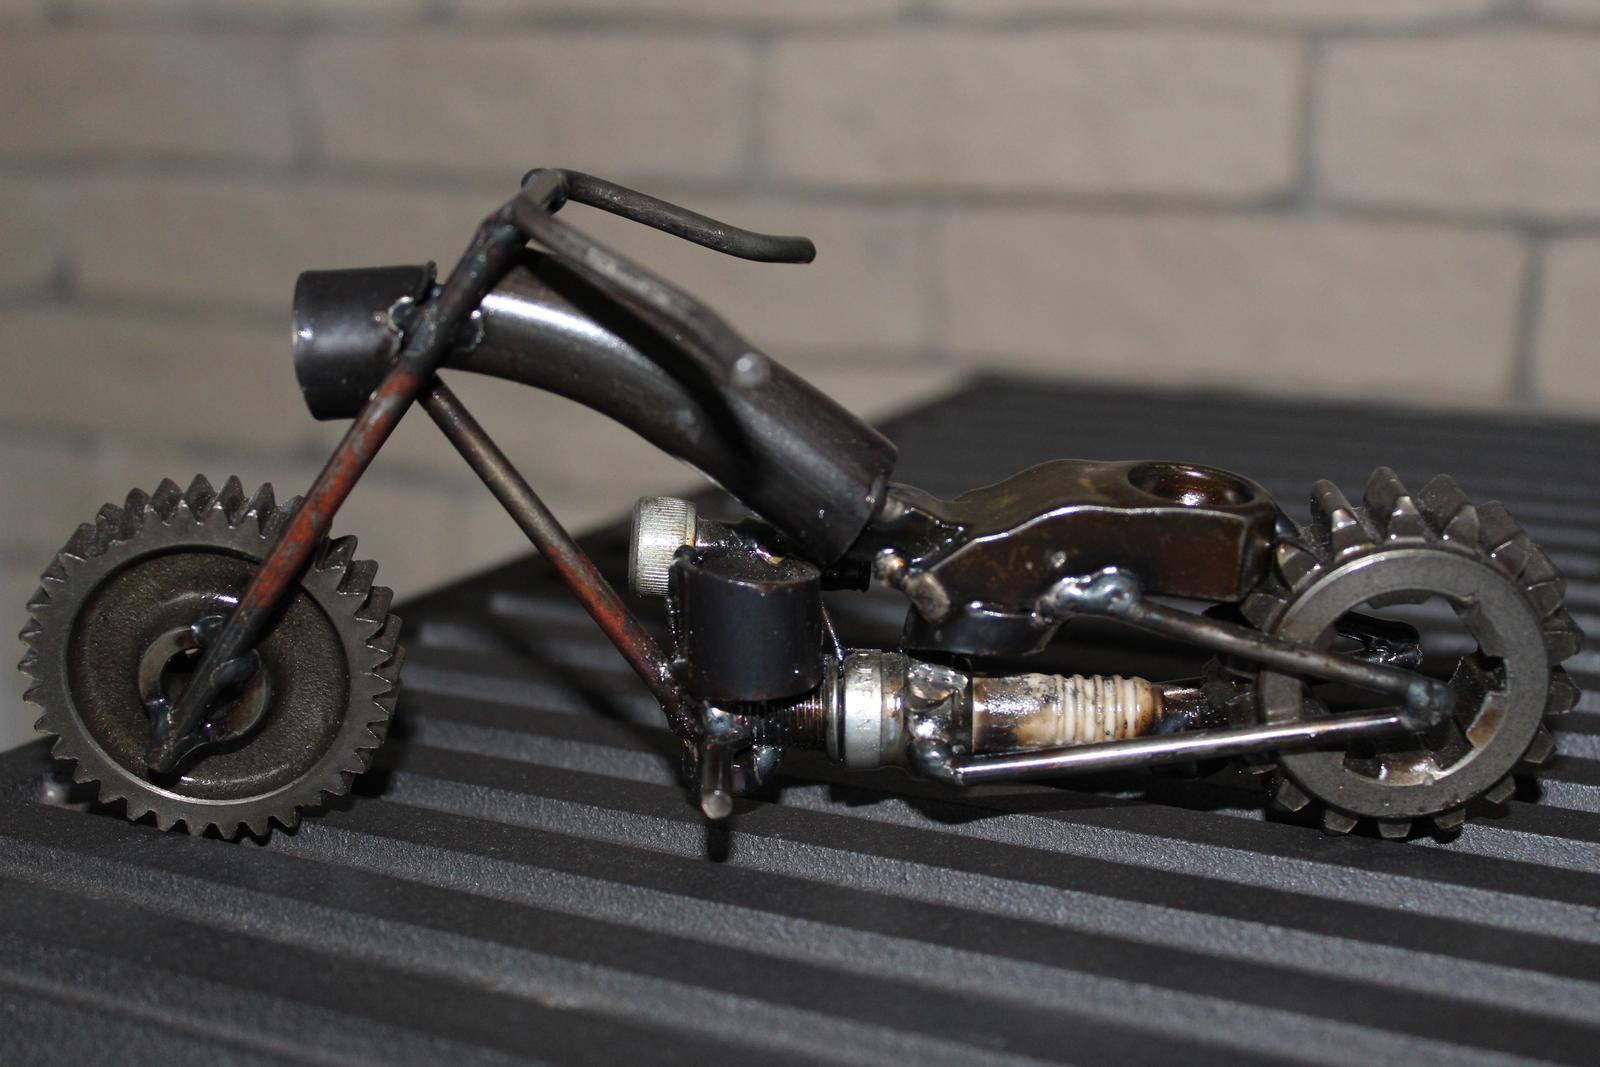 Motocykel veľký - Obrázok č. 1